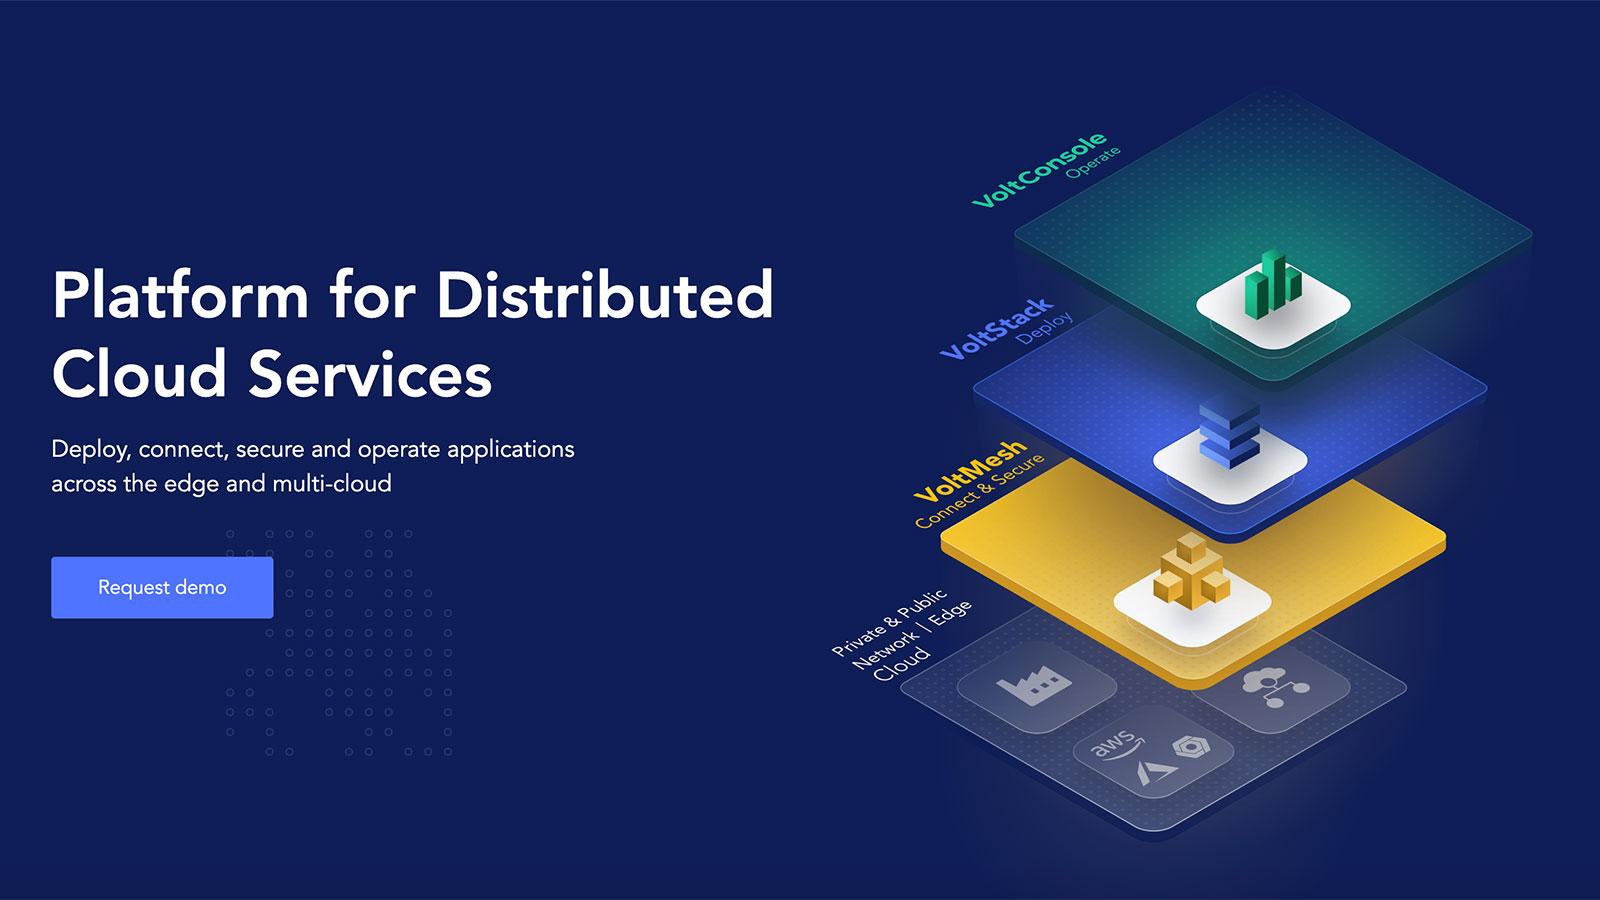 分散され複雑化するインフラ、アプリ、データを一元的に管理するVolterra